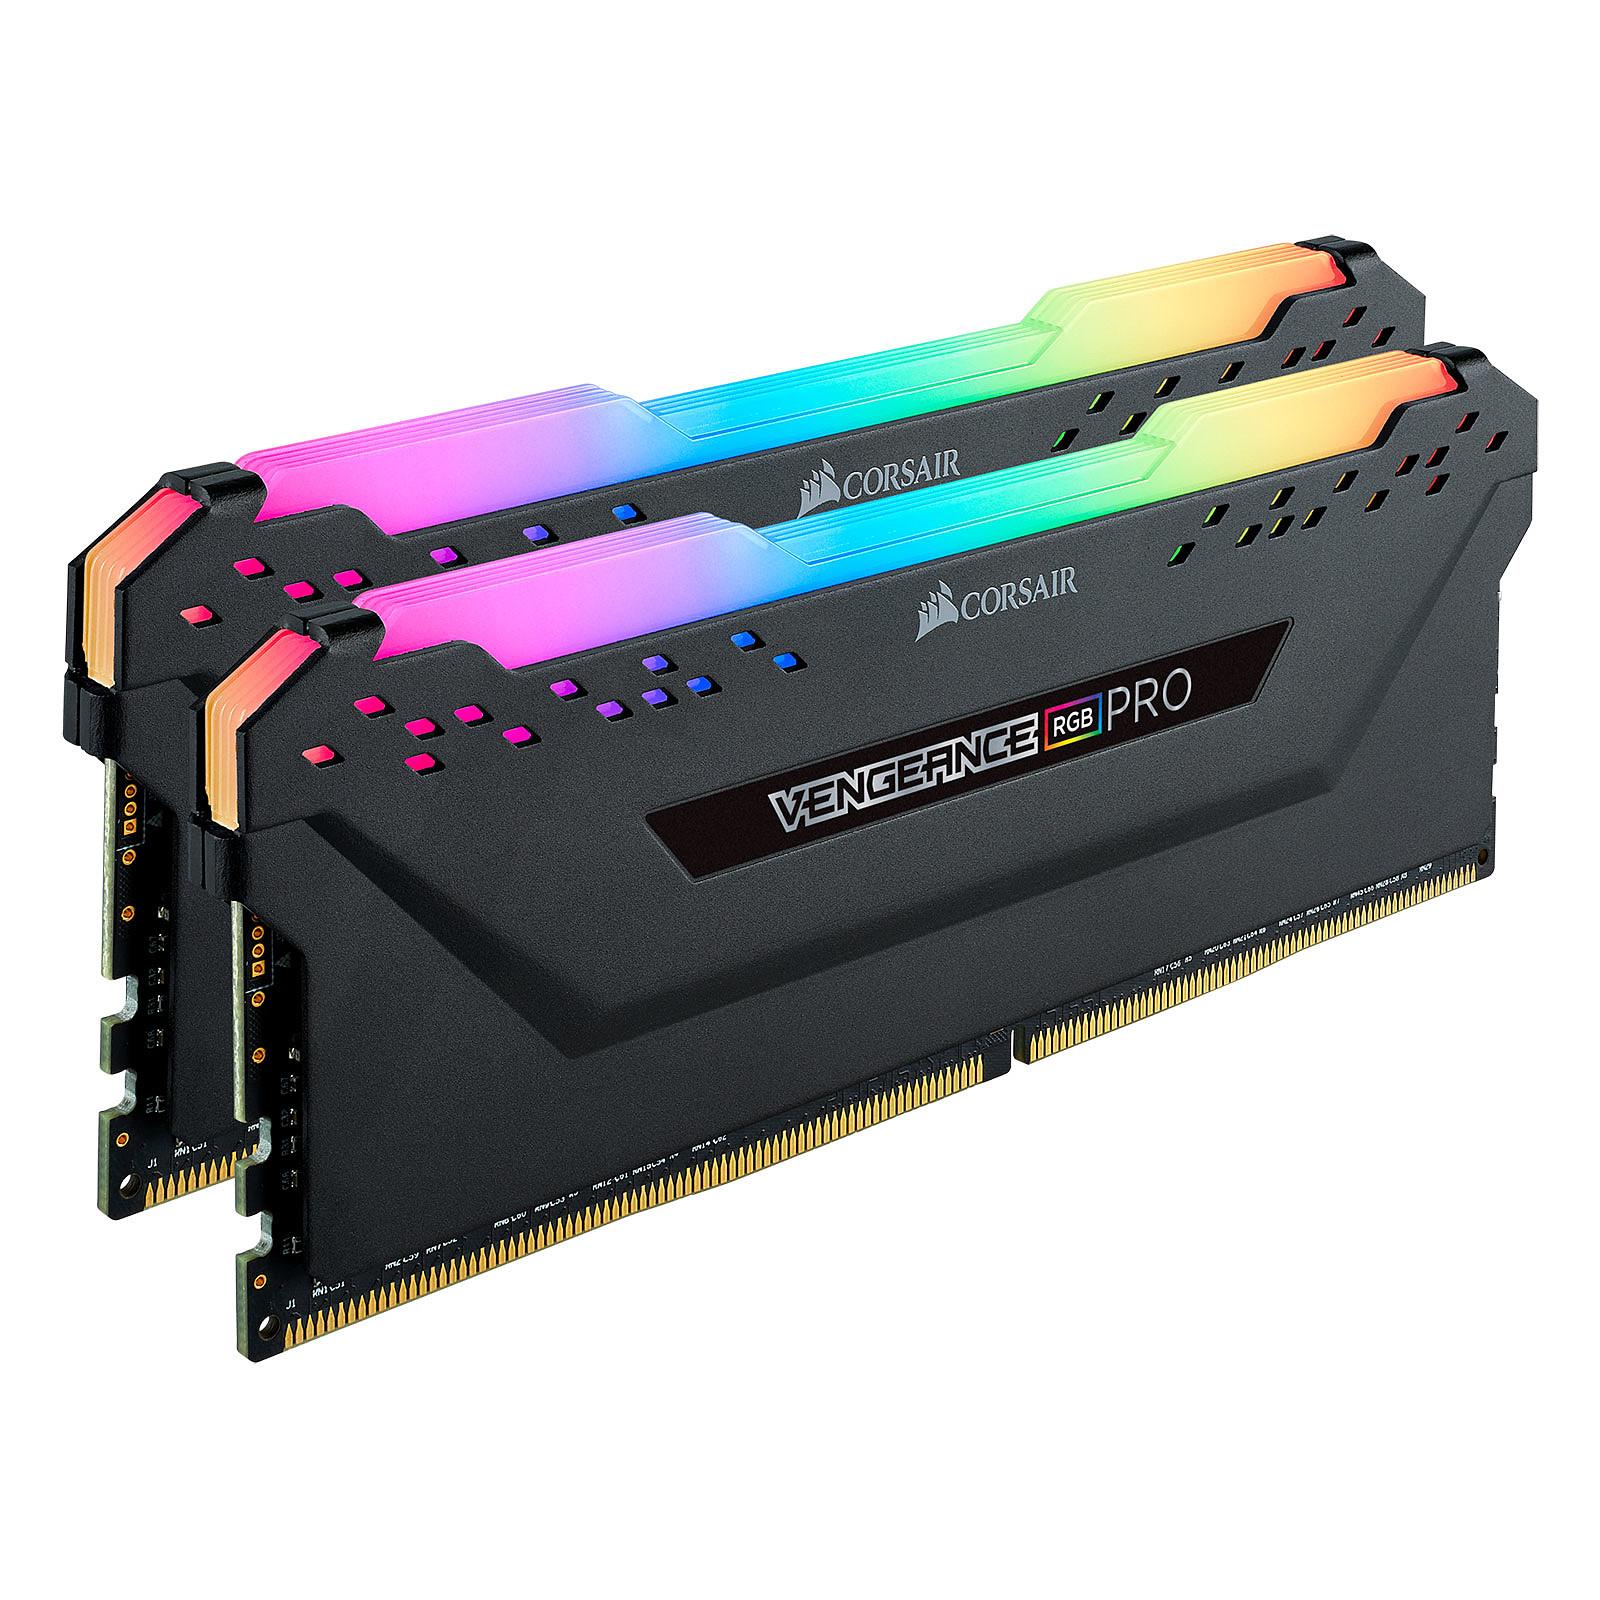 Corsair Vengeance RGB PRO Series 16 Go (2x 8 Go) DDR4 3466 MHz CL16